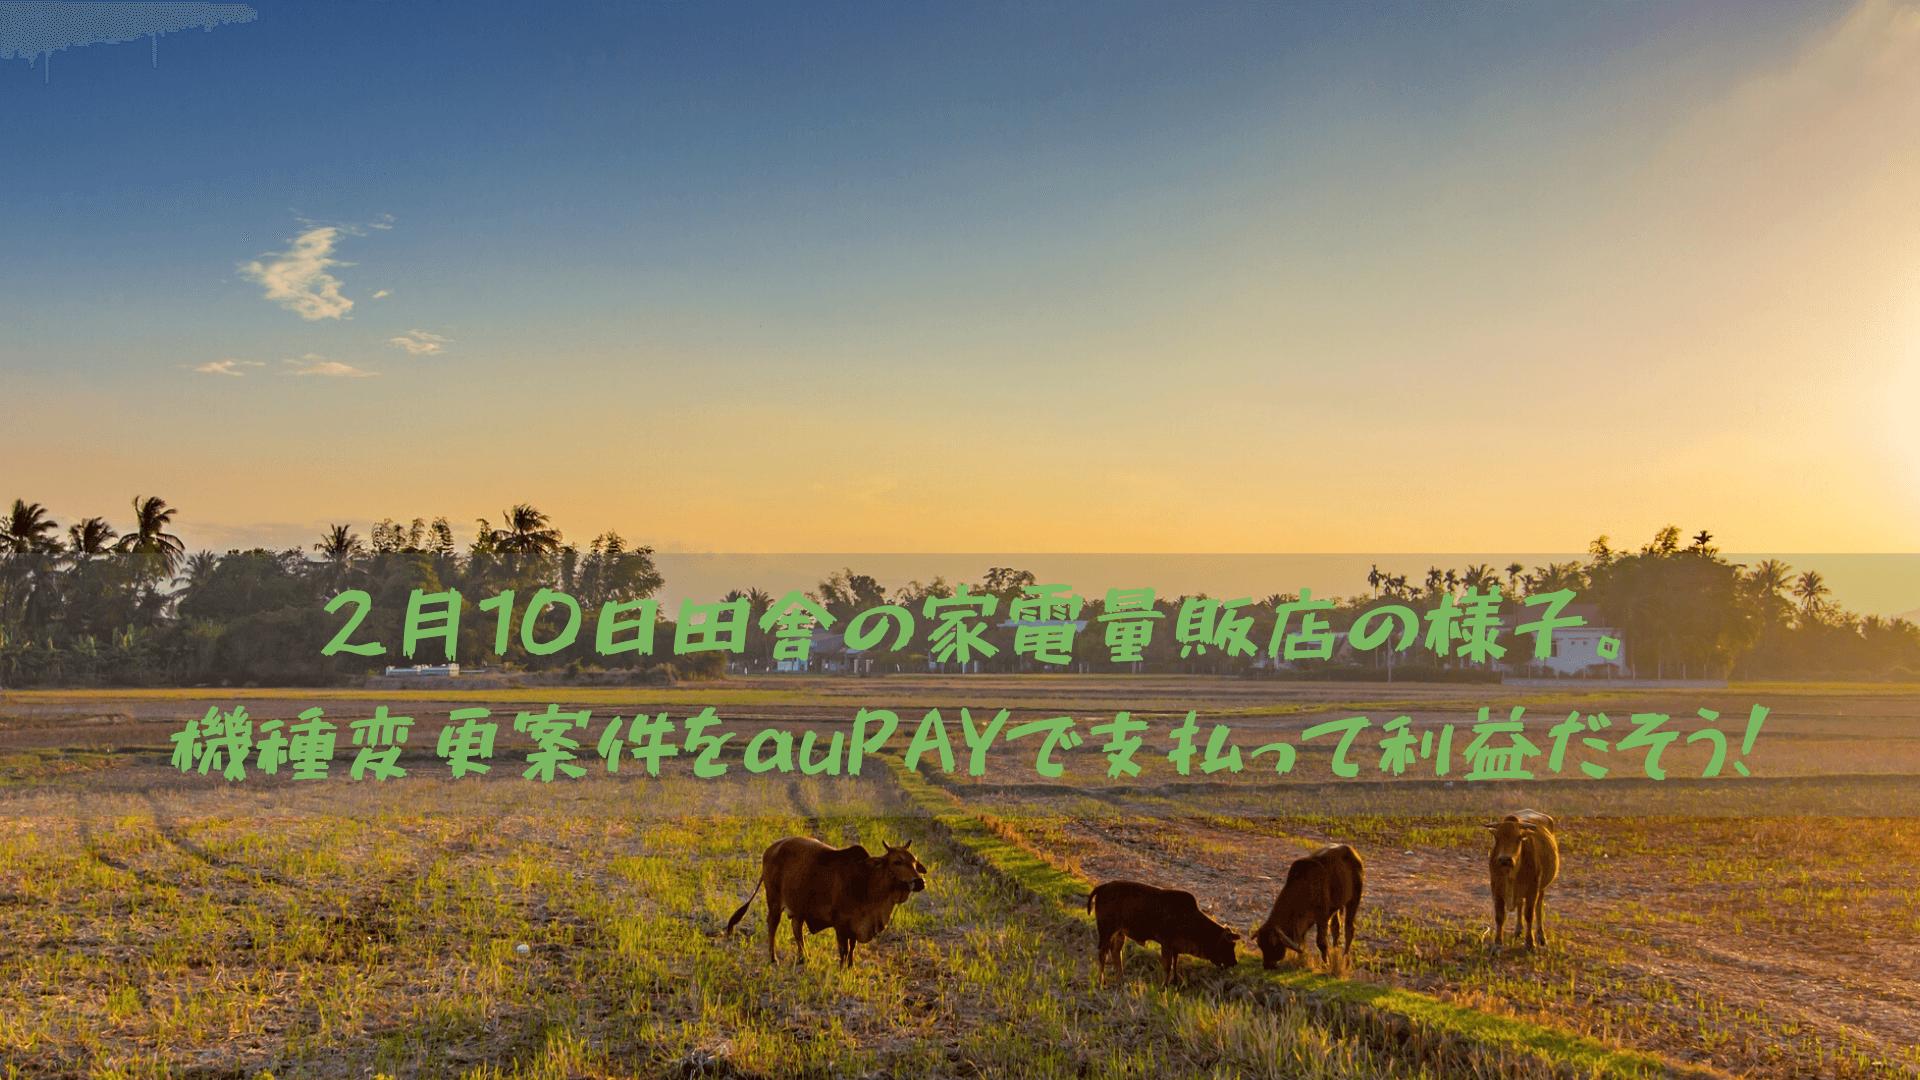 2月10日田舎の家電量販店の様子。機種変更案件をauPAYで支払って利益だそう!